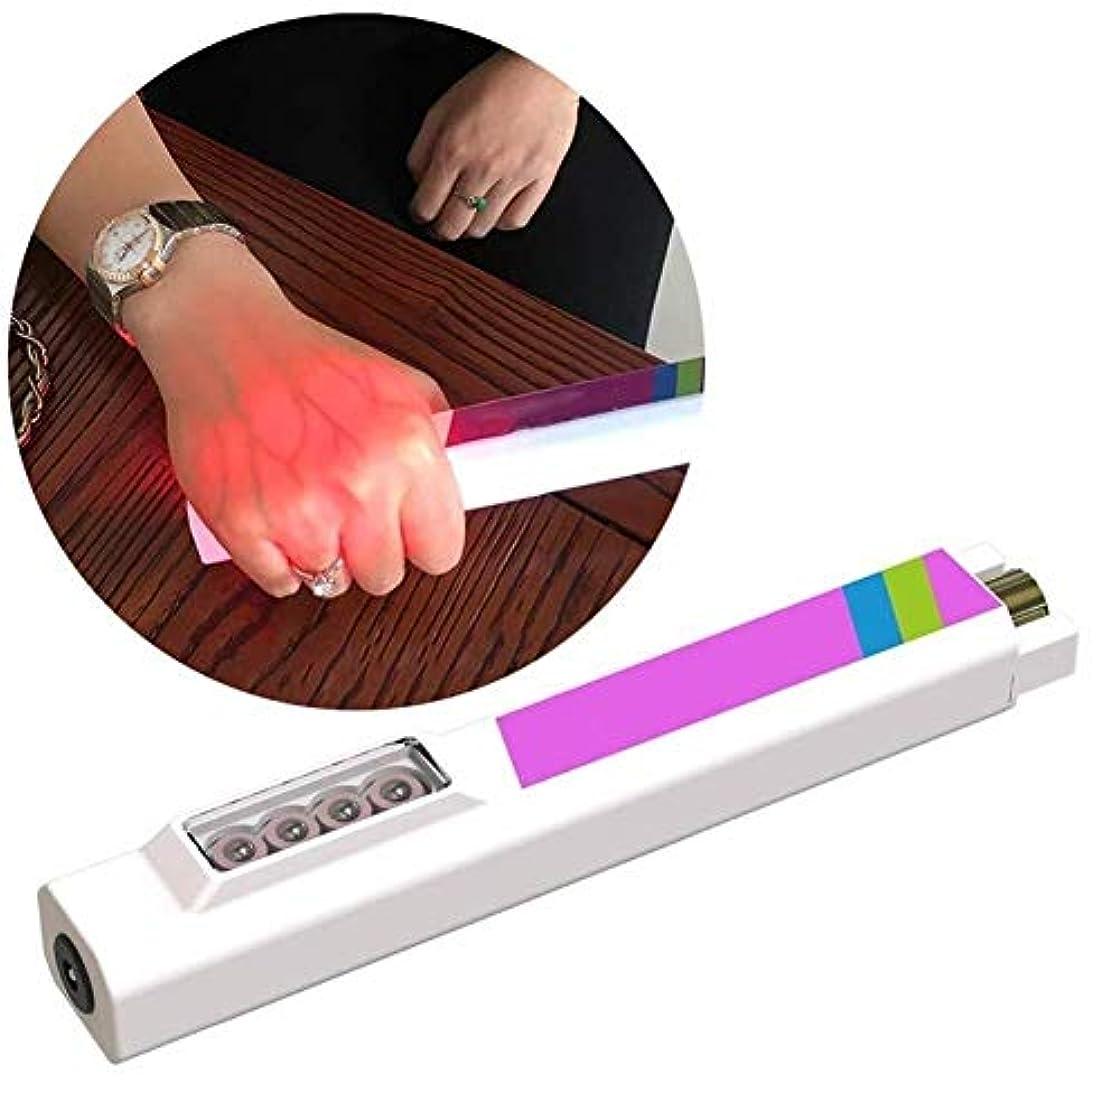 団結命令便利さ静脈イメージング懐中電灯血管ディスプレイ懐中電灯手穿刺による血管ライトの確認皮下静脈デバイスの発見が容易